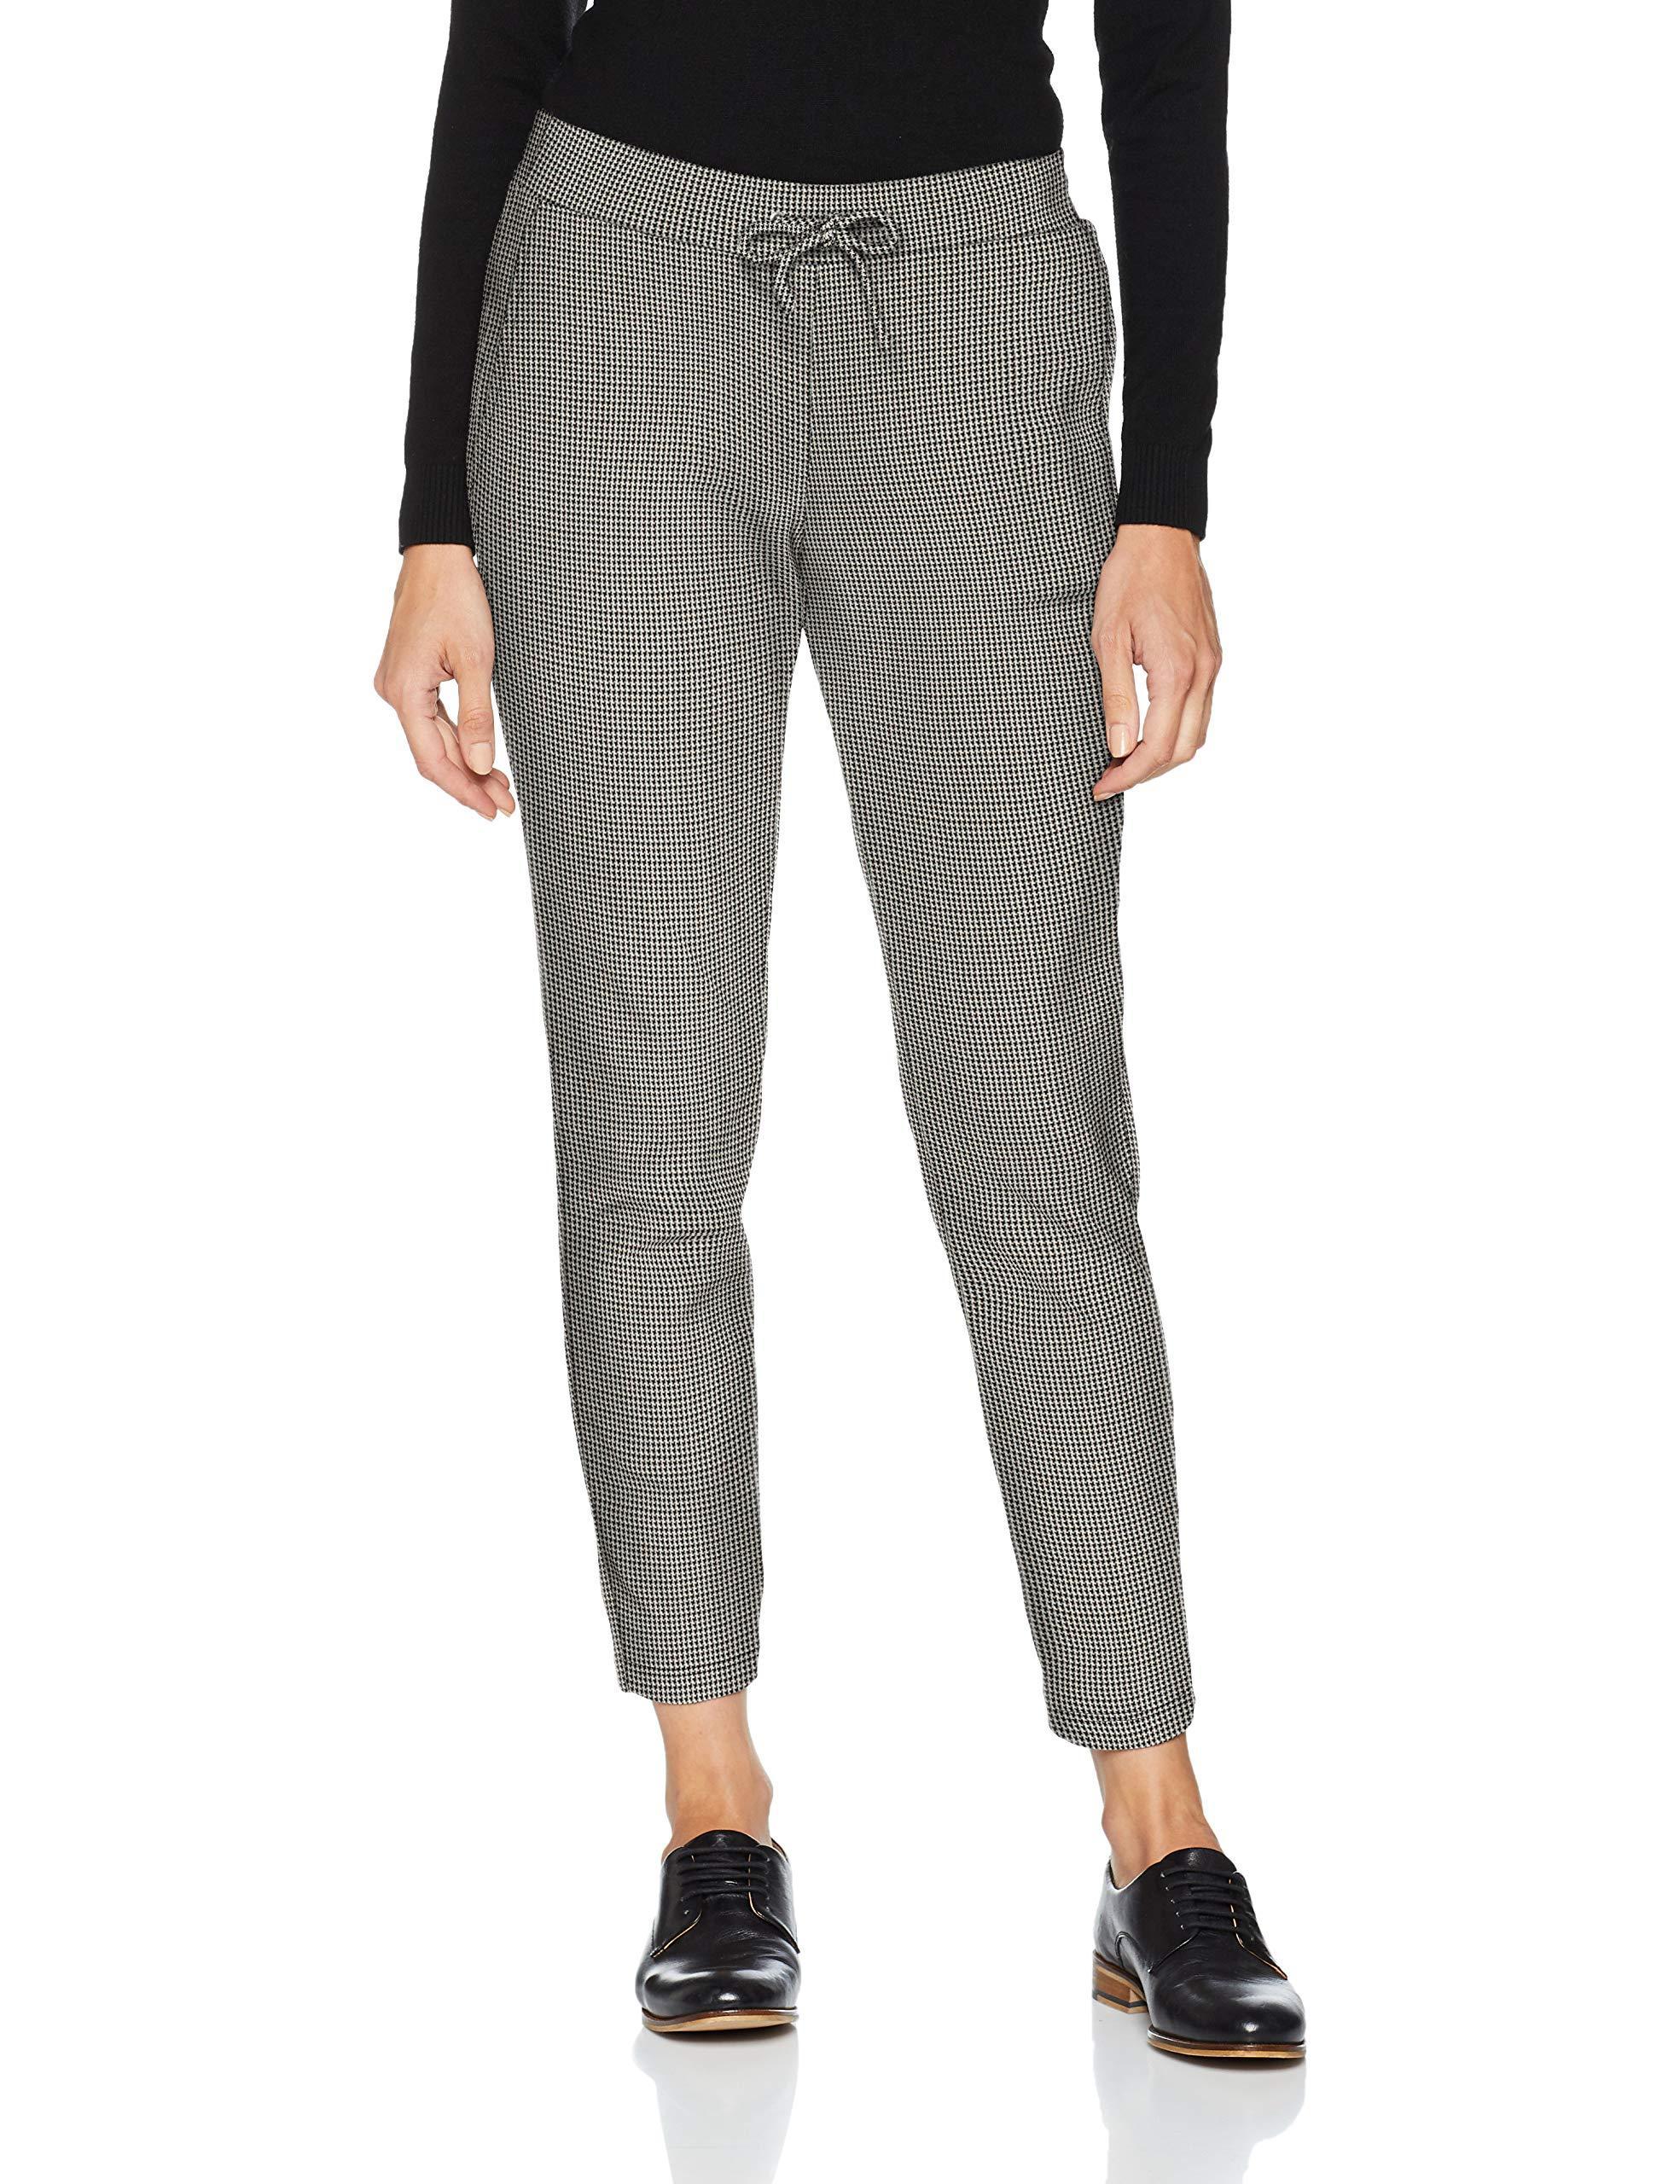 Tom Tailor Loose Fit Hose in Grau - Sparen Sie 16% bv35f